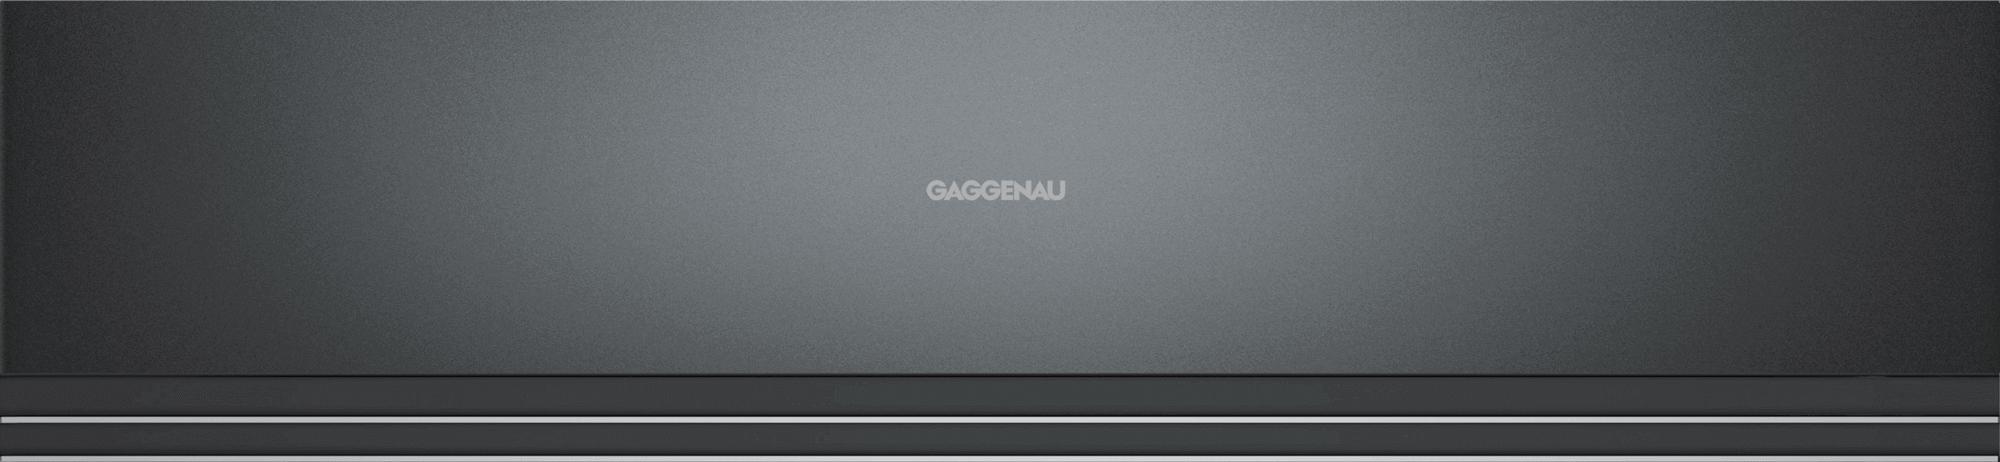 Vákuovacia zásuvka 14 cm | Gaggenau séria 200_8-2-2-2